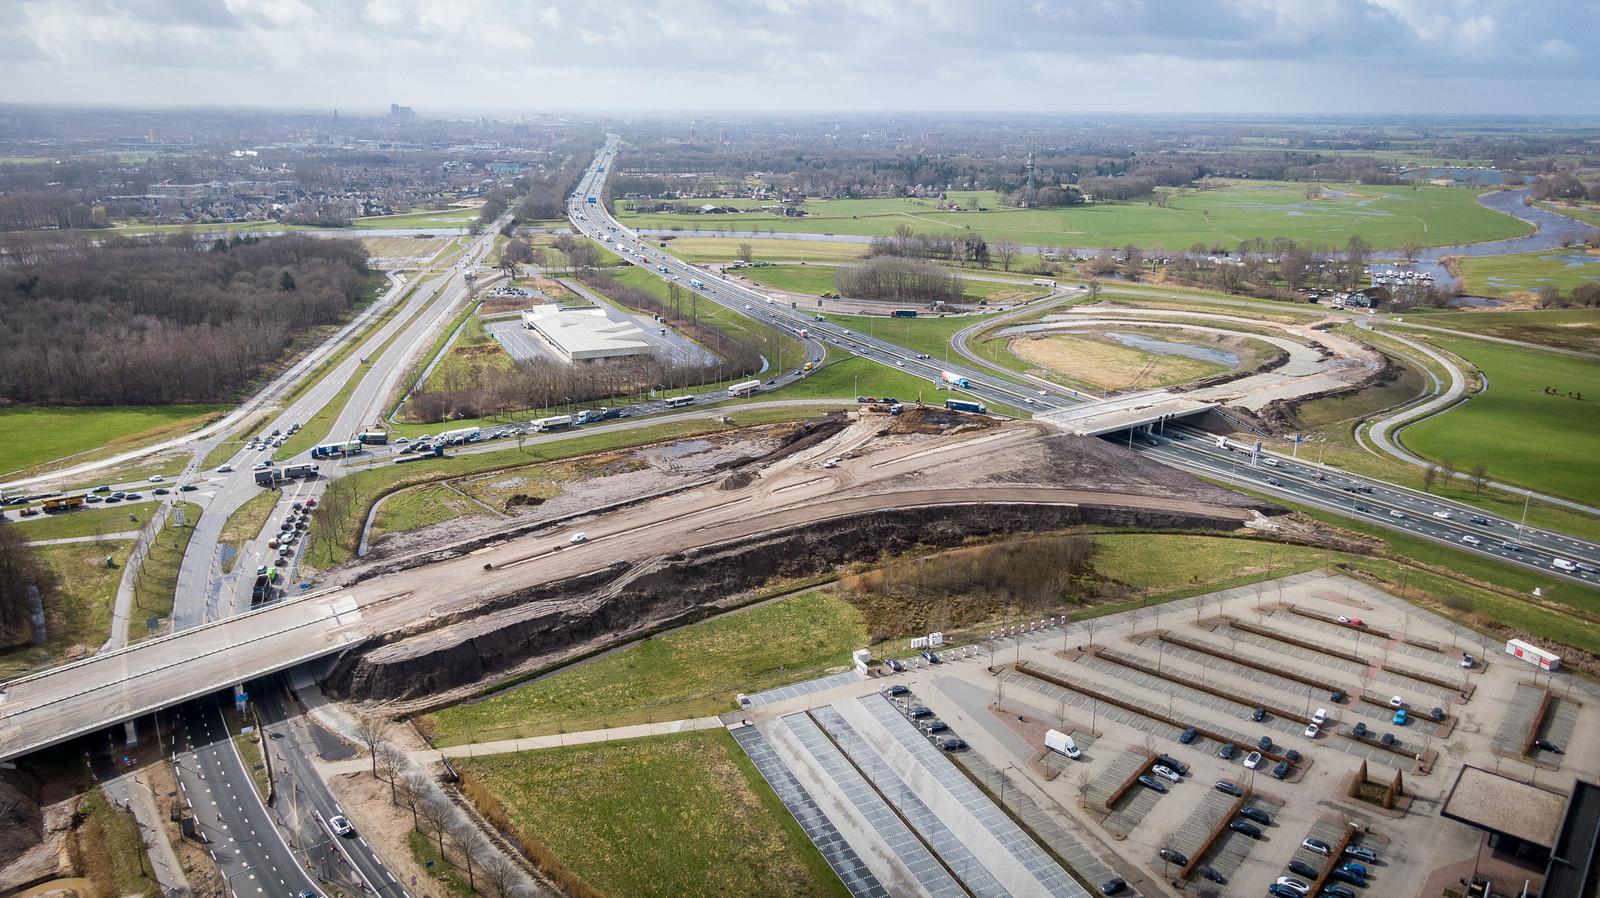 De nieuwe op- en afritten en viaducten bij de A28 met de aansluiting N340, hier ter hoogte van  Van der Valk (rechtsonder), worden al steeds meer zichtbaar.